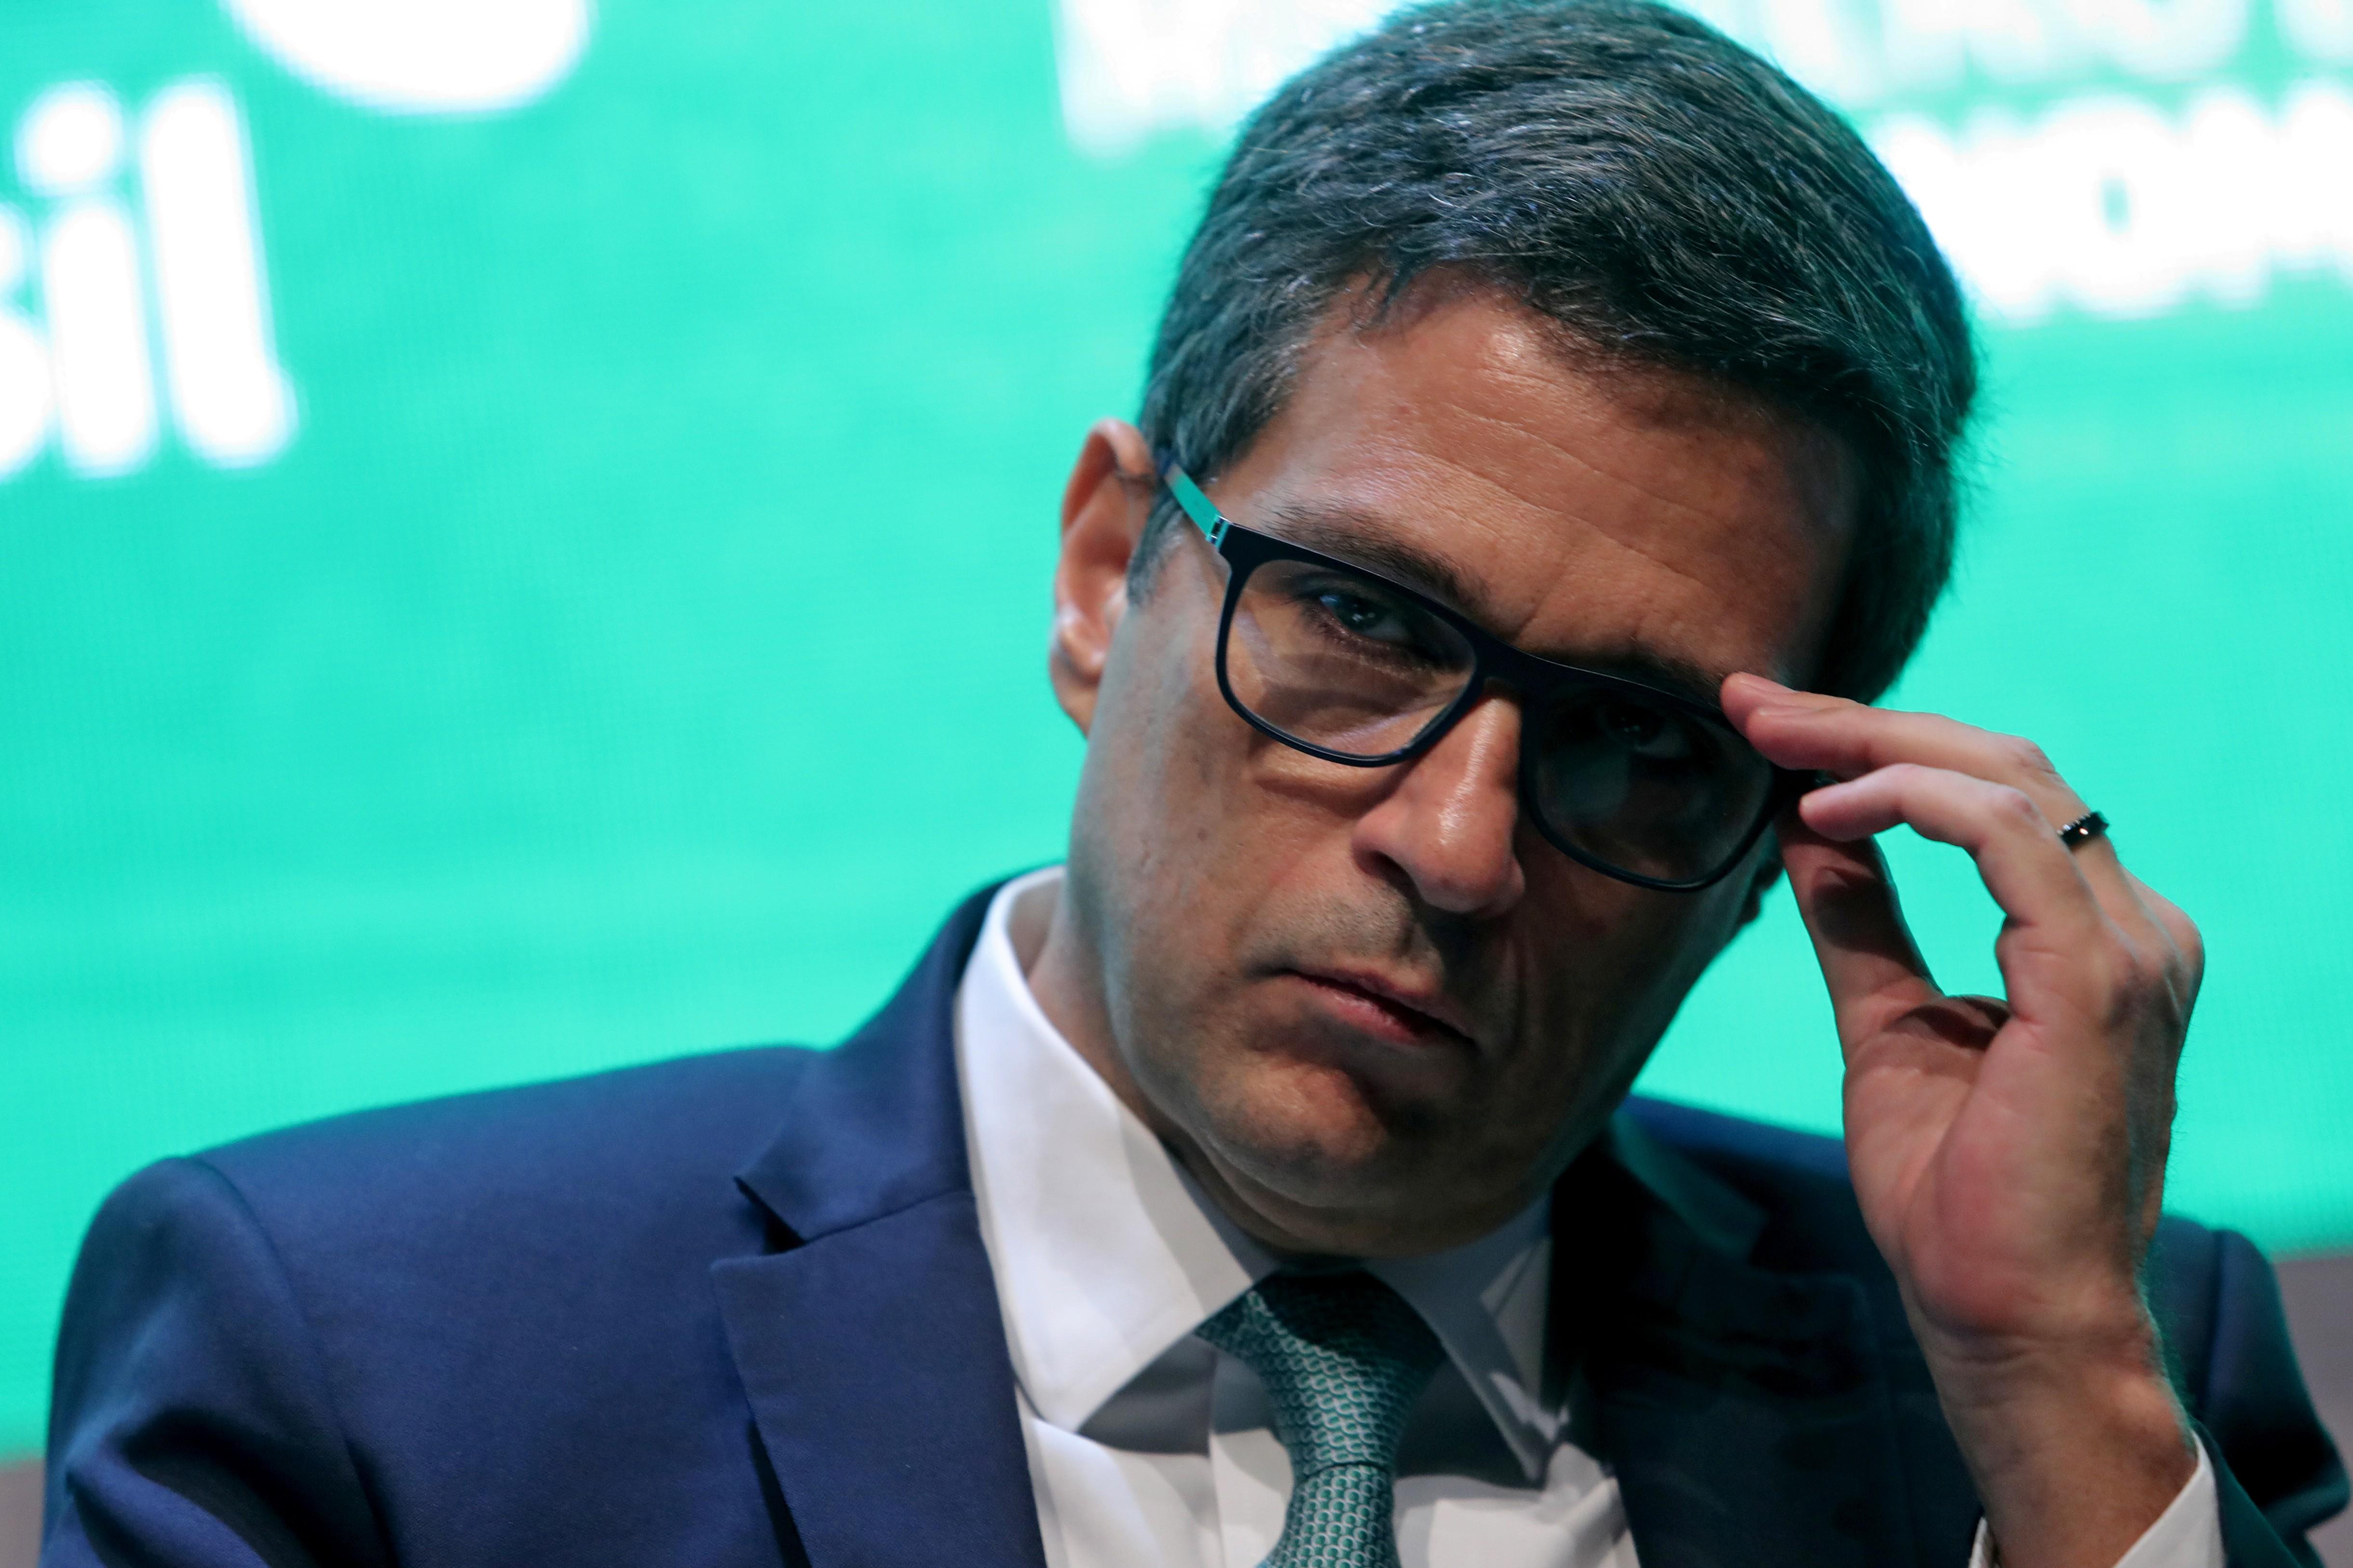 Alta recente do dólar não bateu em canal de inflação, diz presidente do BC - Notícias - Plantão Diário